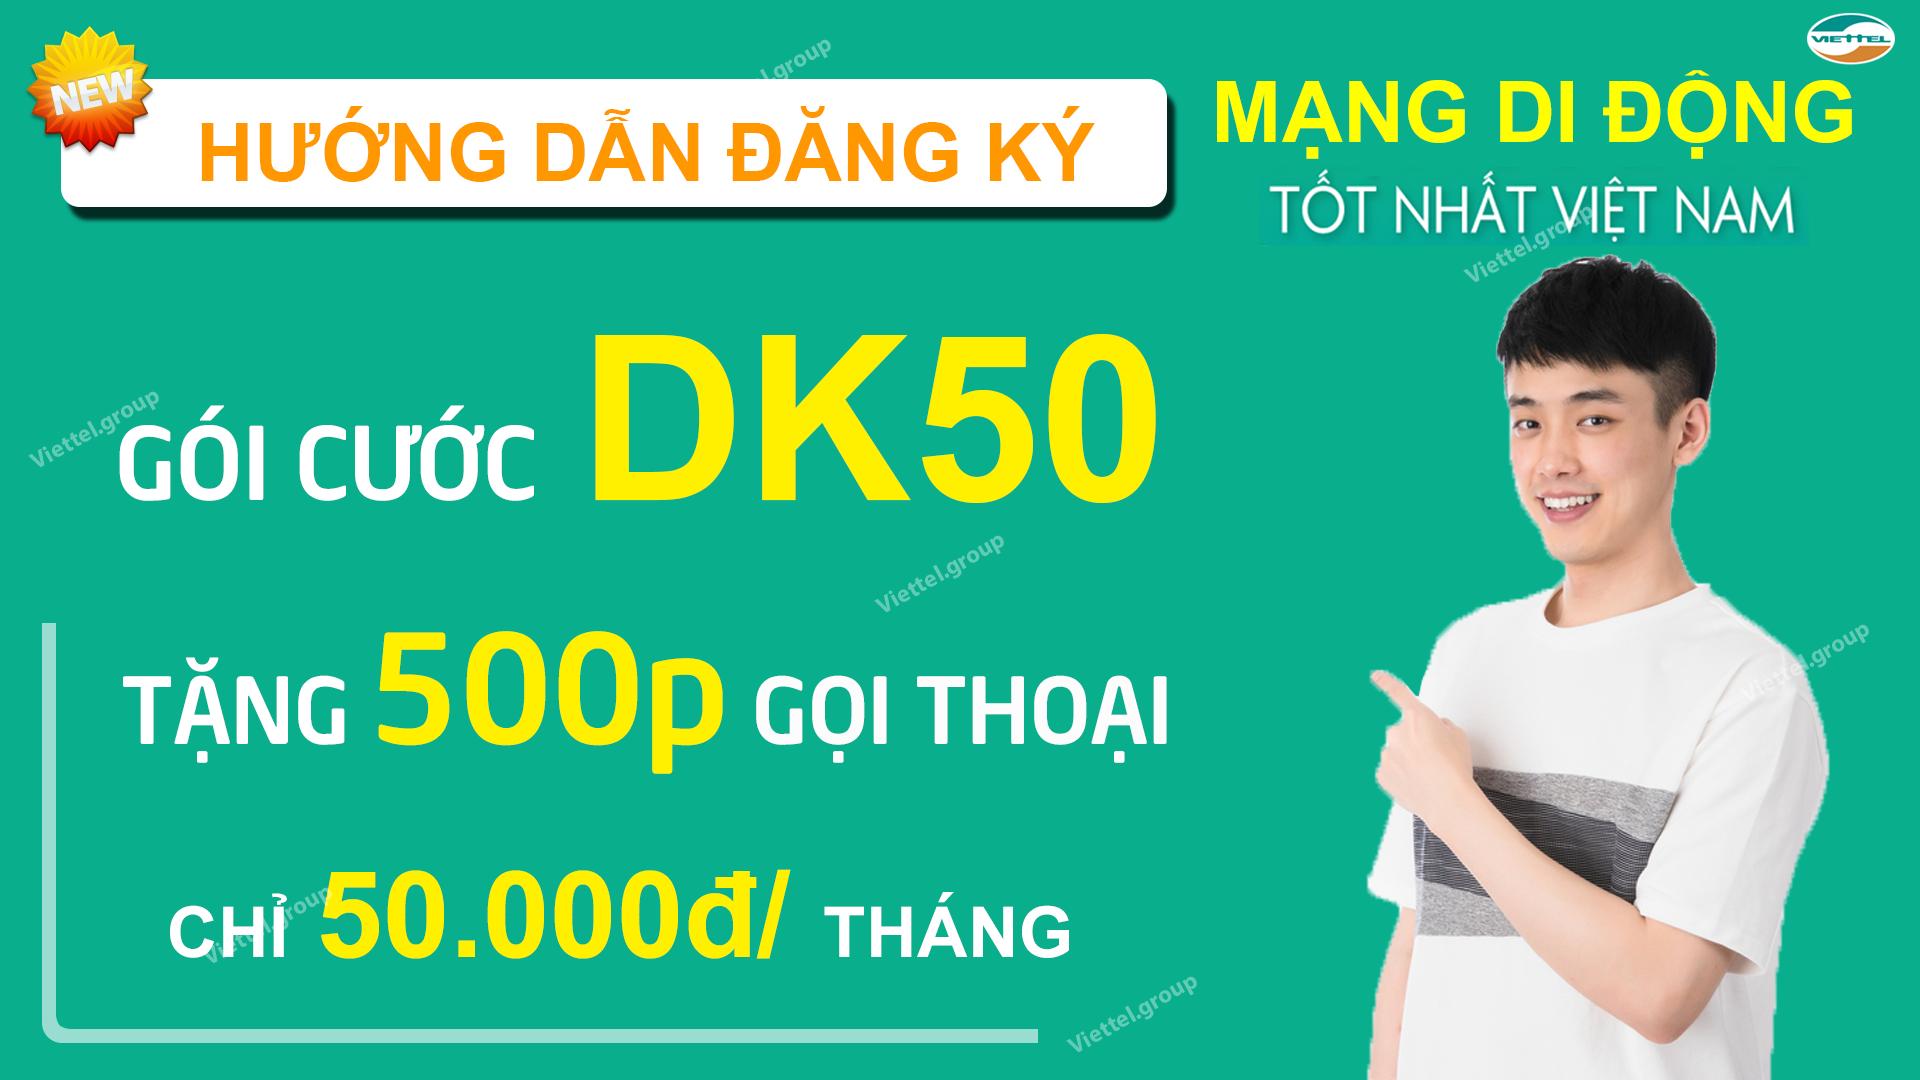 hướng dẫn đẫn đăng ký DK50 Viettel